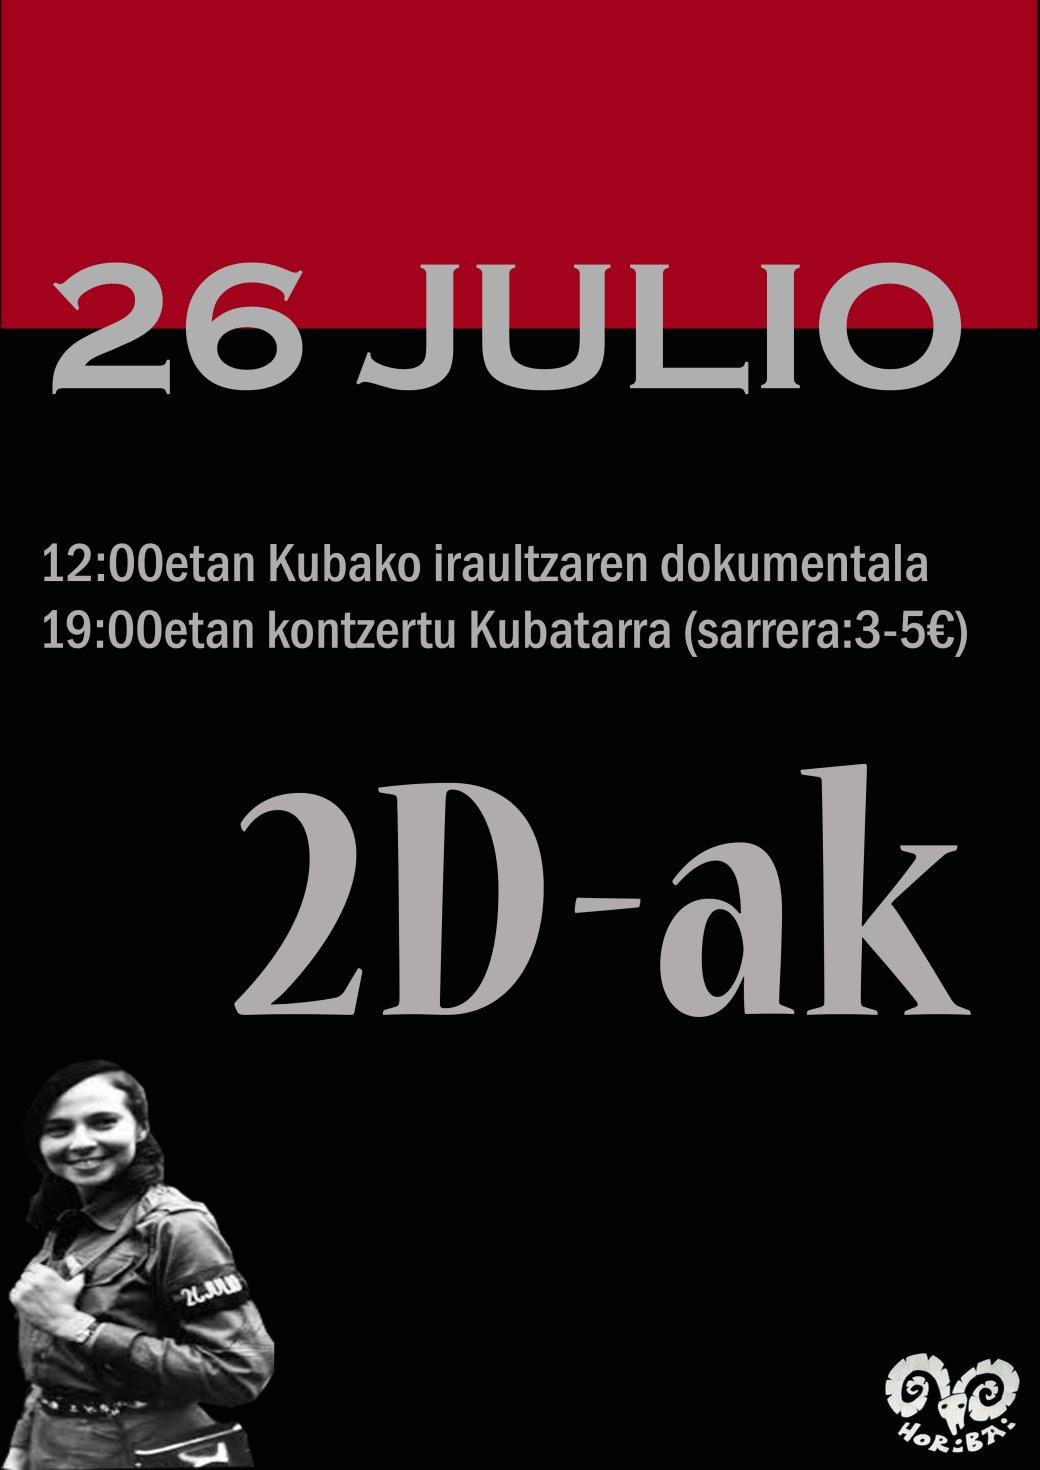 26-JULIO